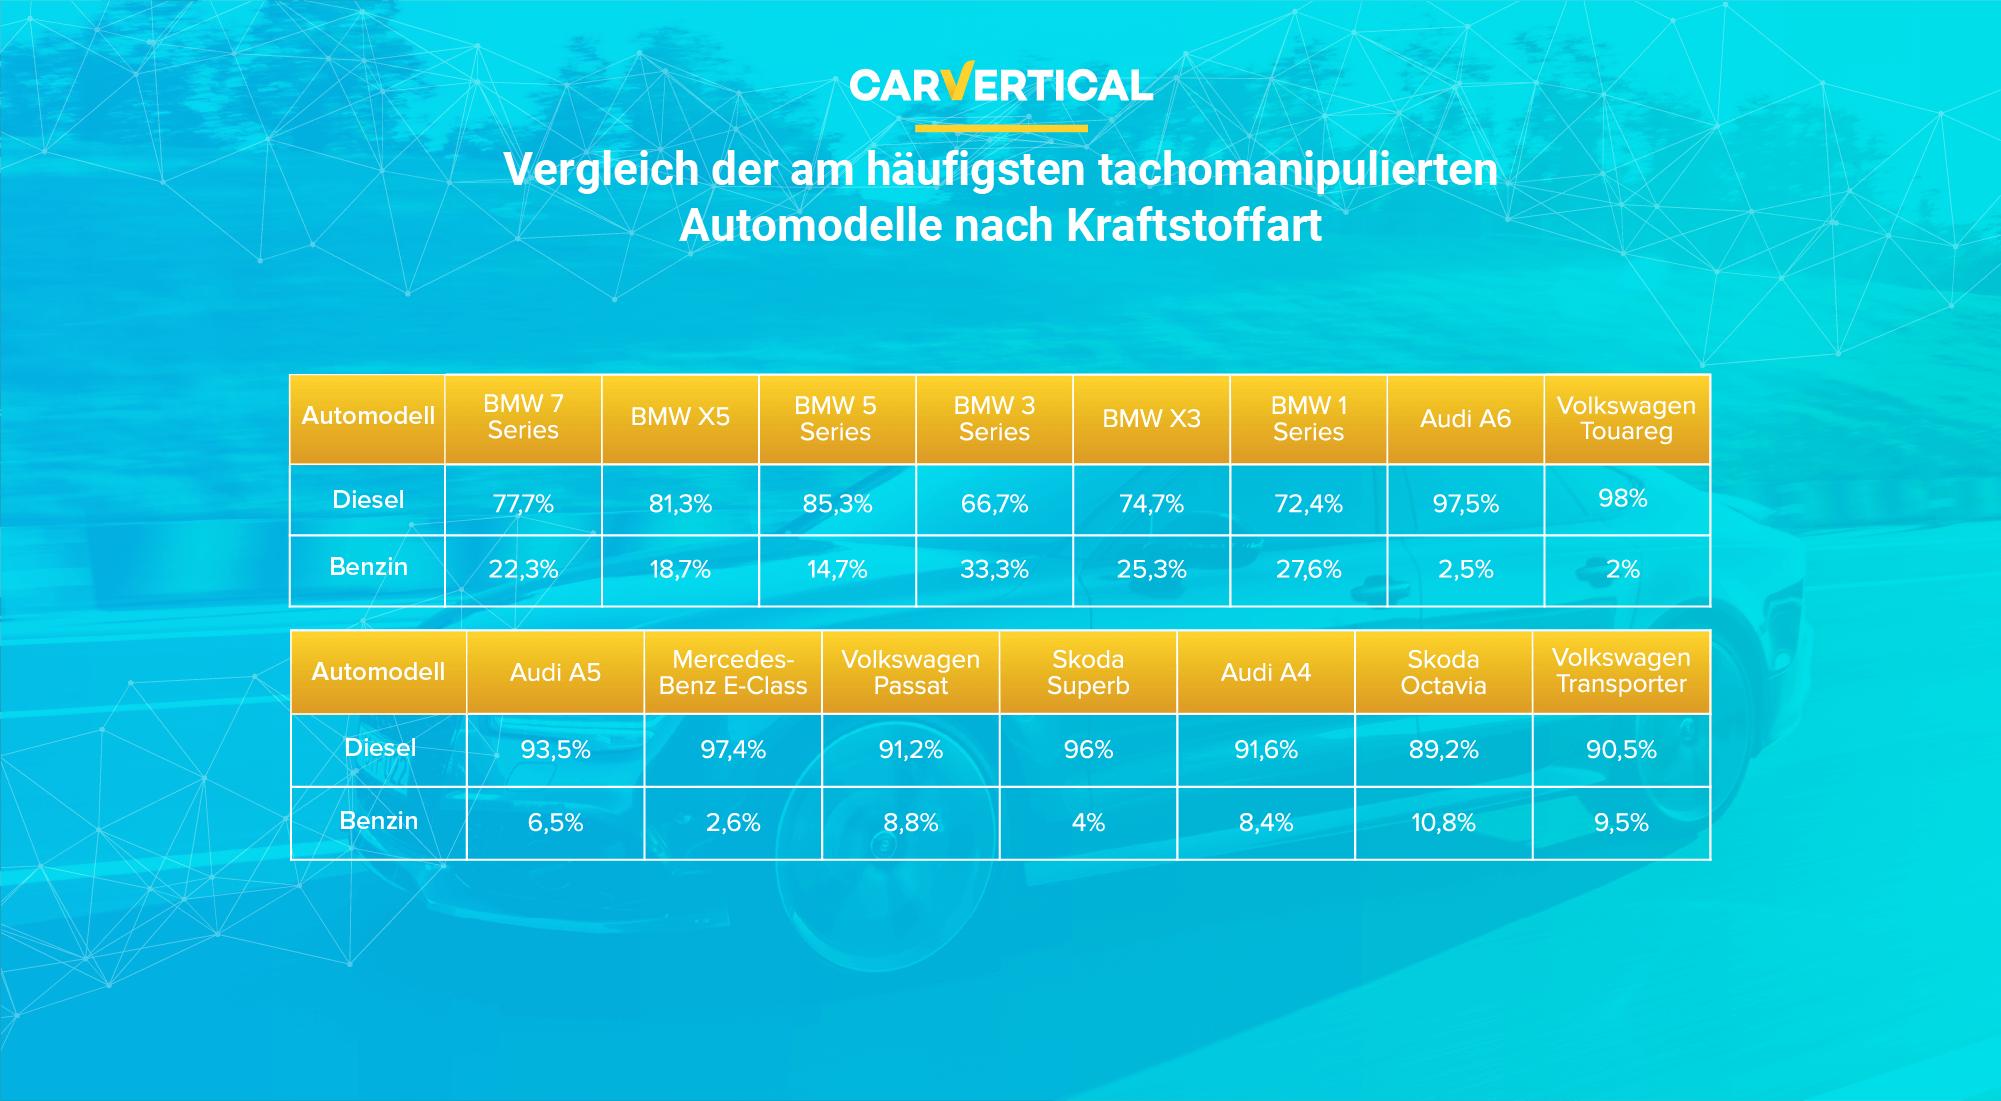 Vergleich der am häufigsten tachomanipulierten Automodelle nach Kraftstoffart